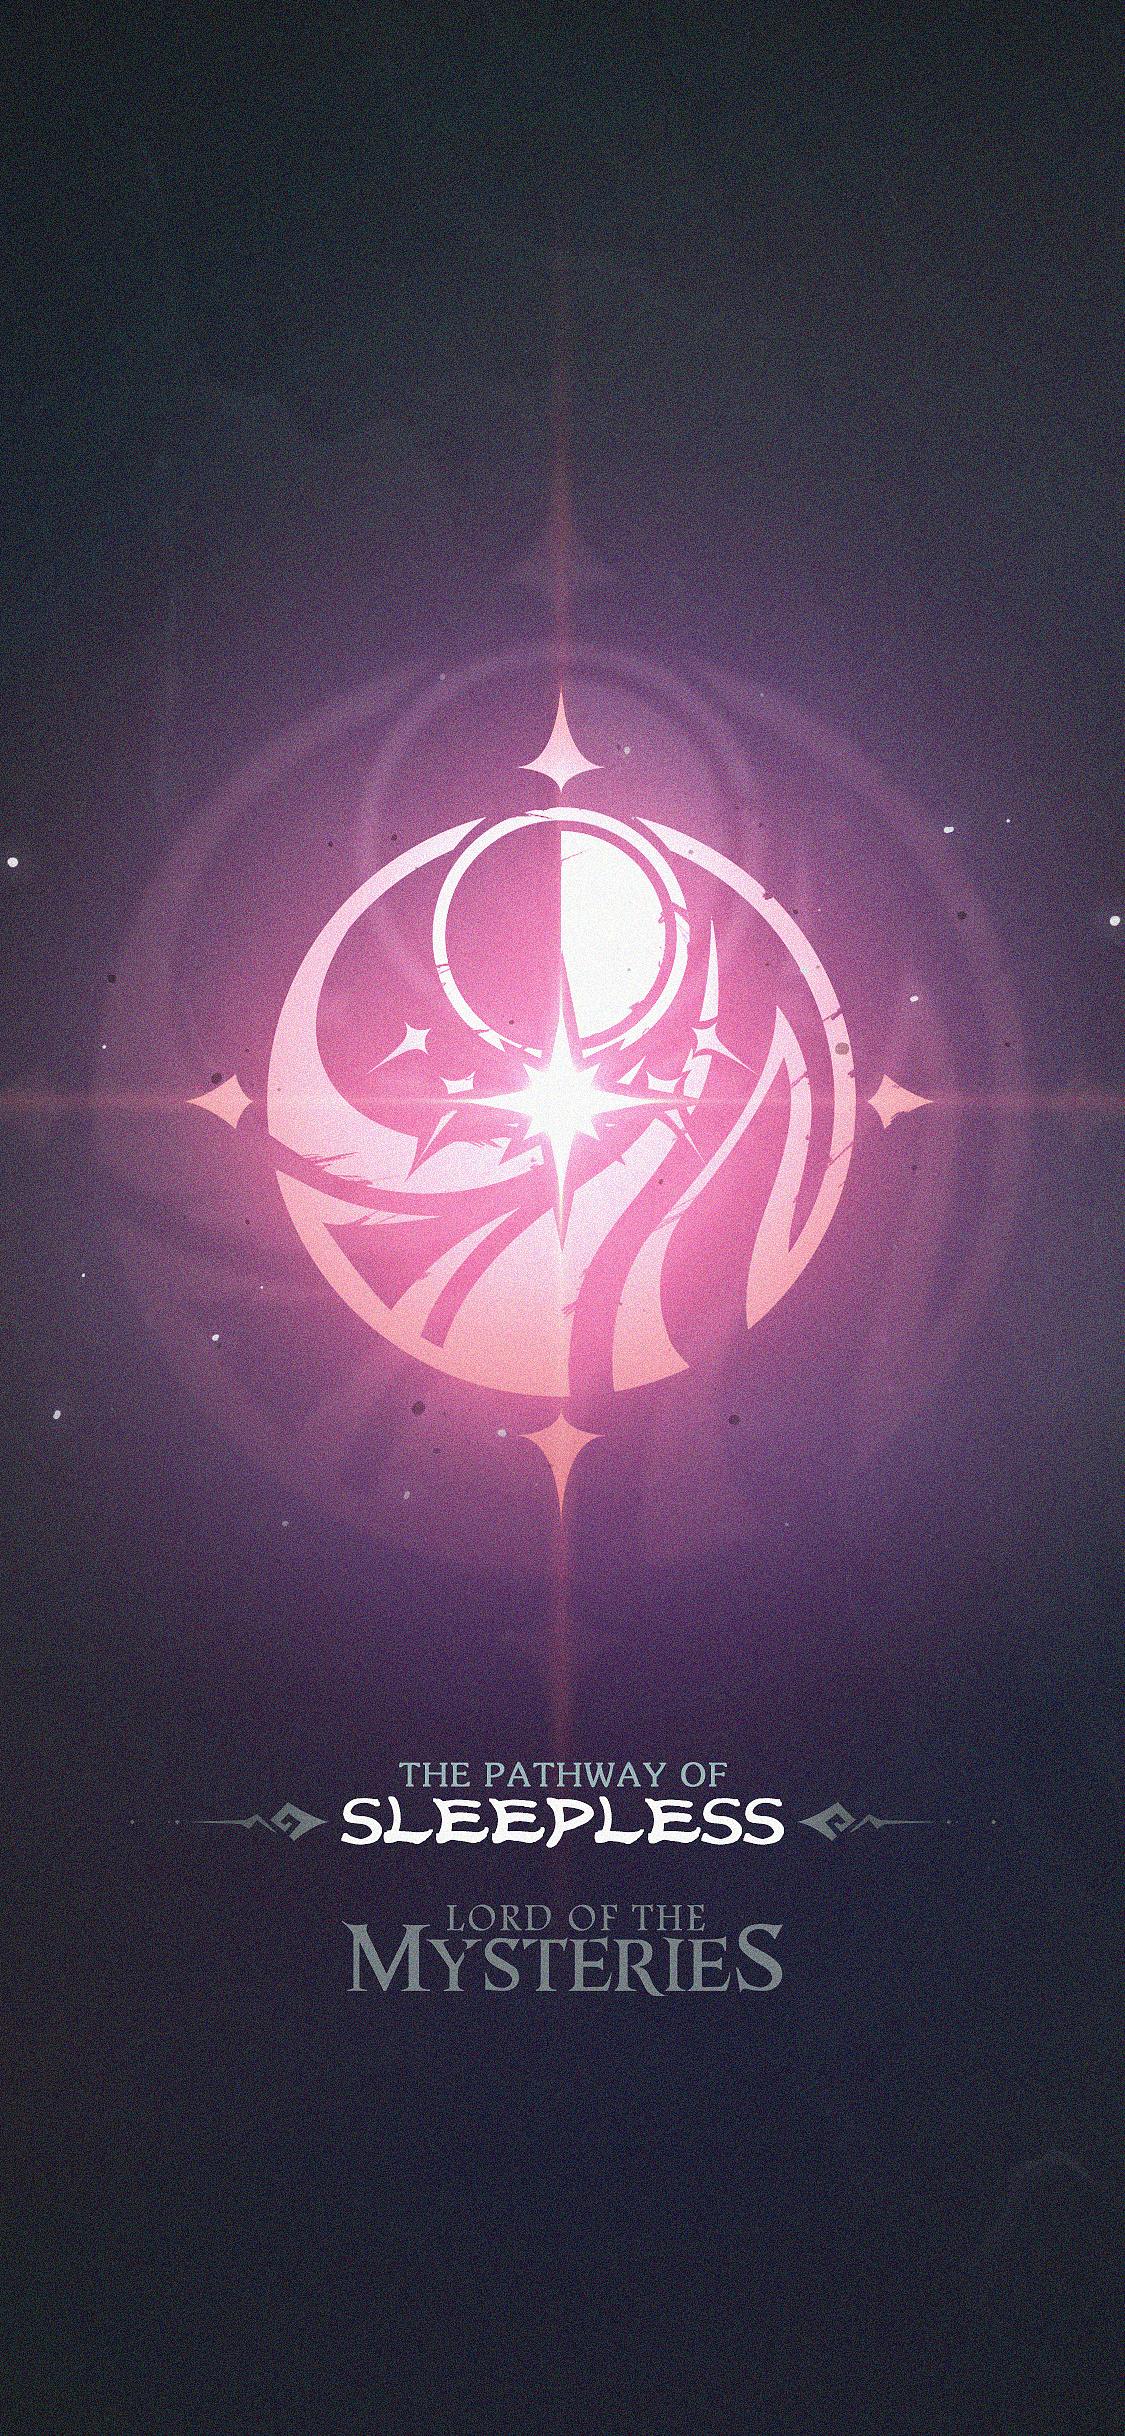 元素的发现者_【诡秘之主】22全途径魔药徽章UI设计 - 原创作品 - 站酷(ZCOOL)